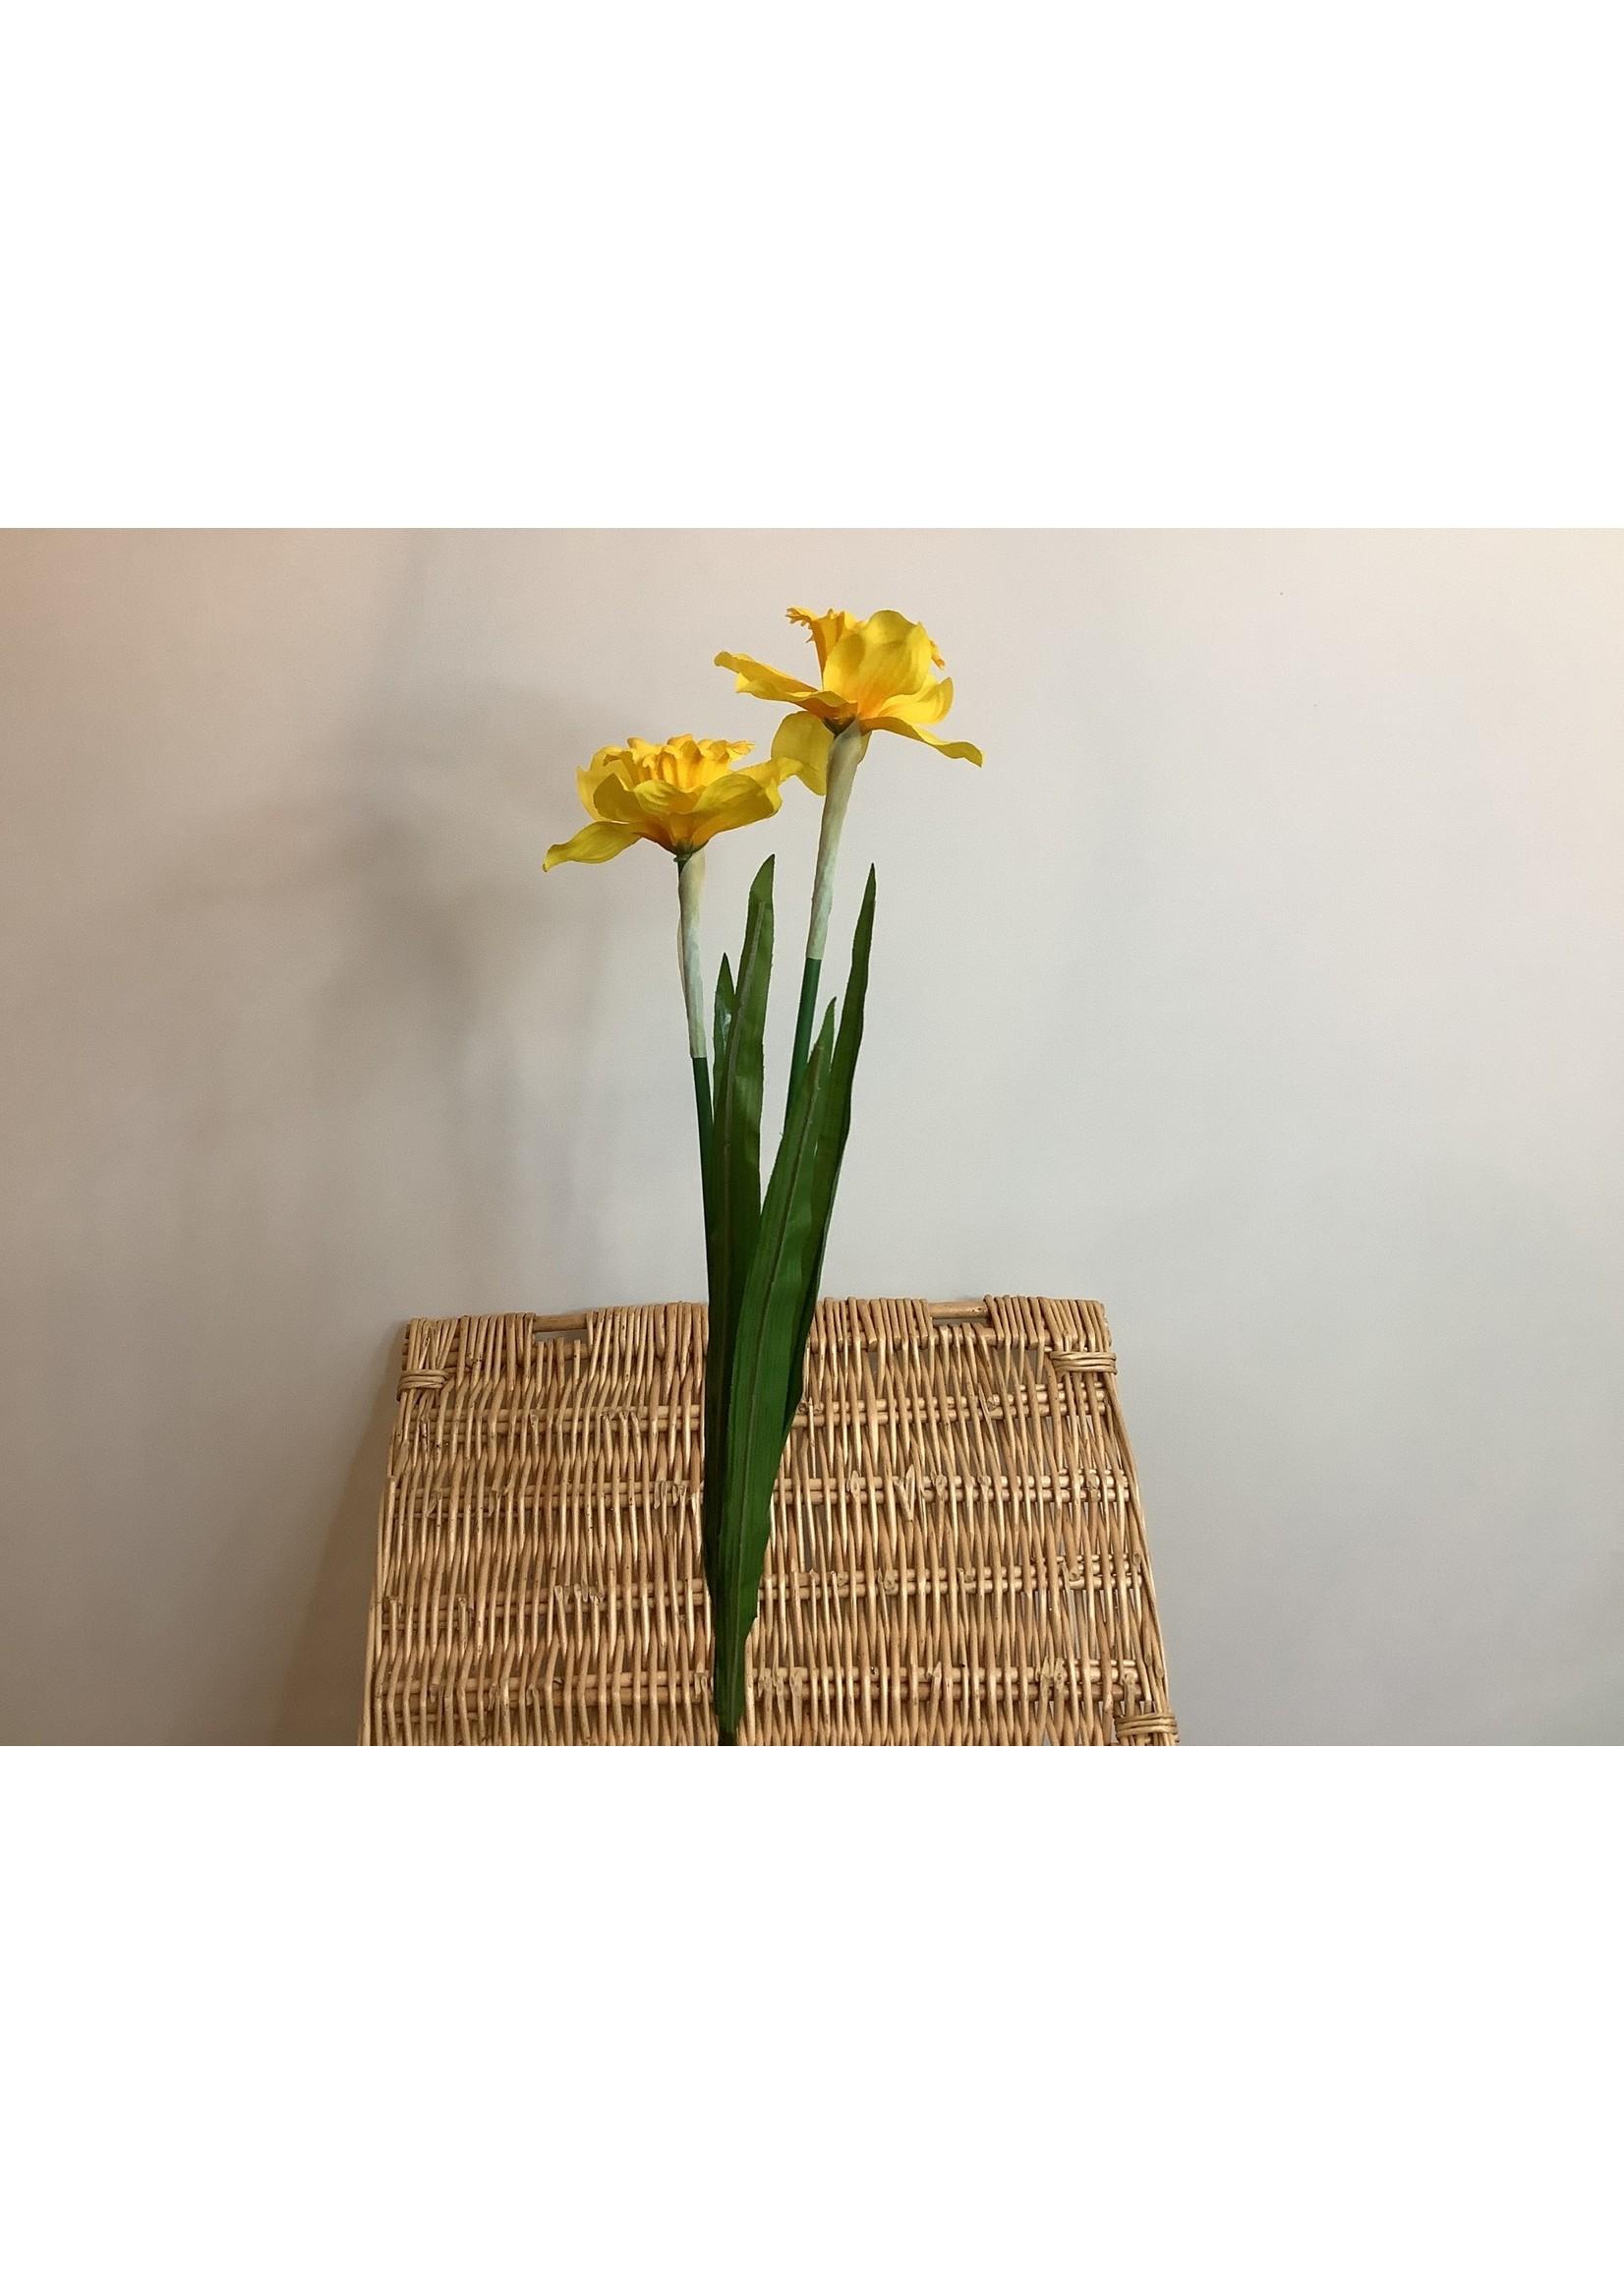 Daffodil 2 heads